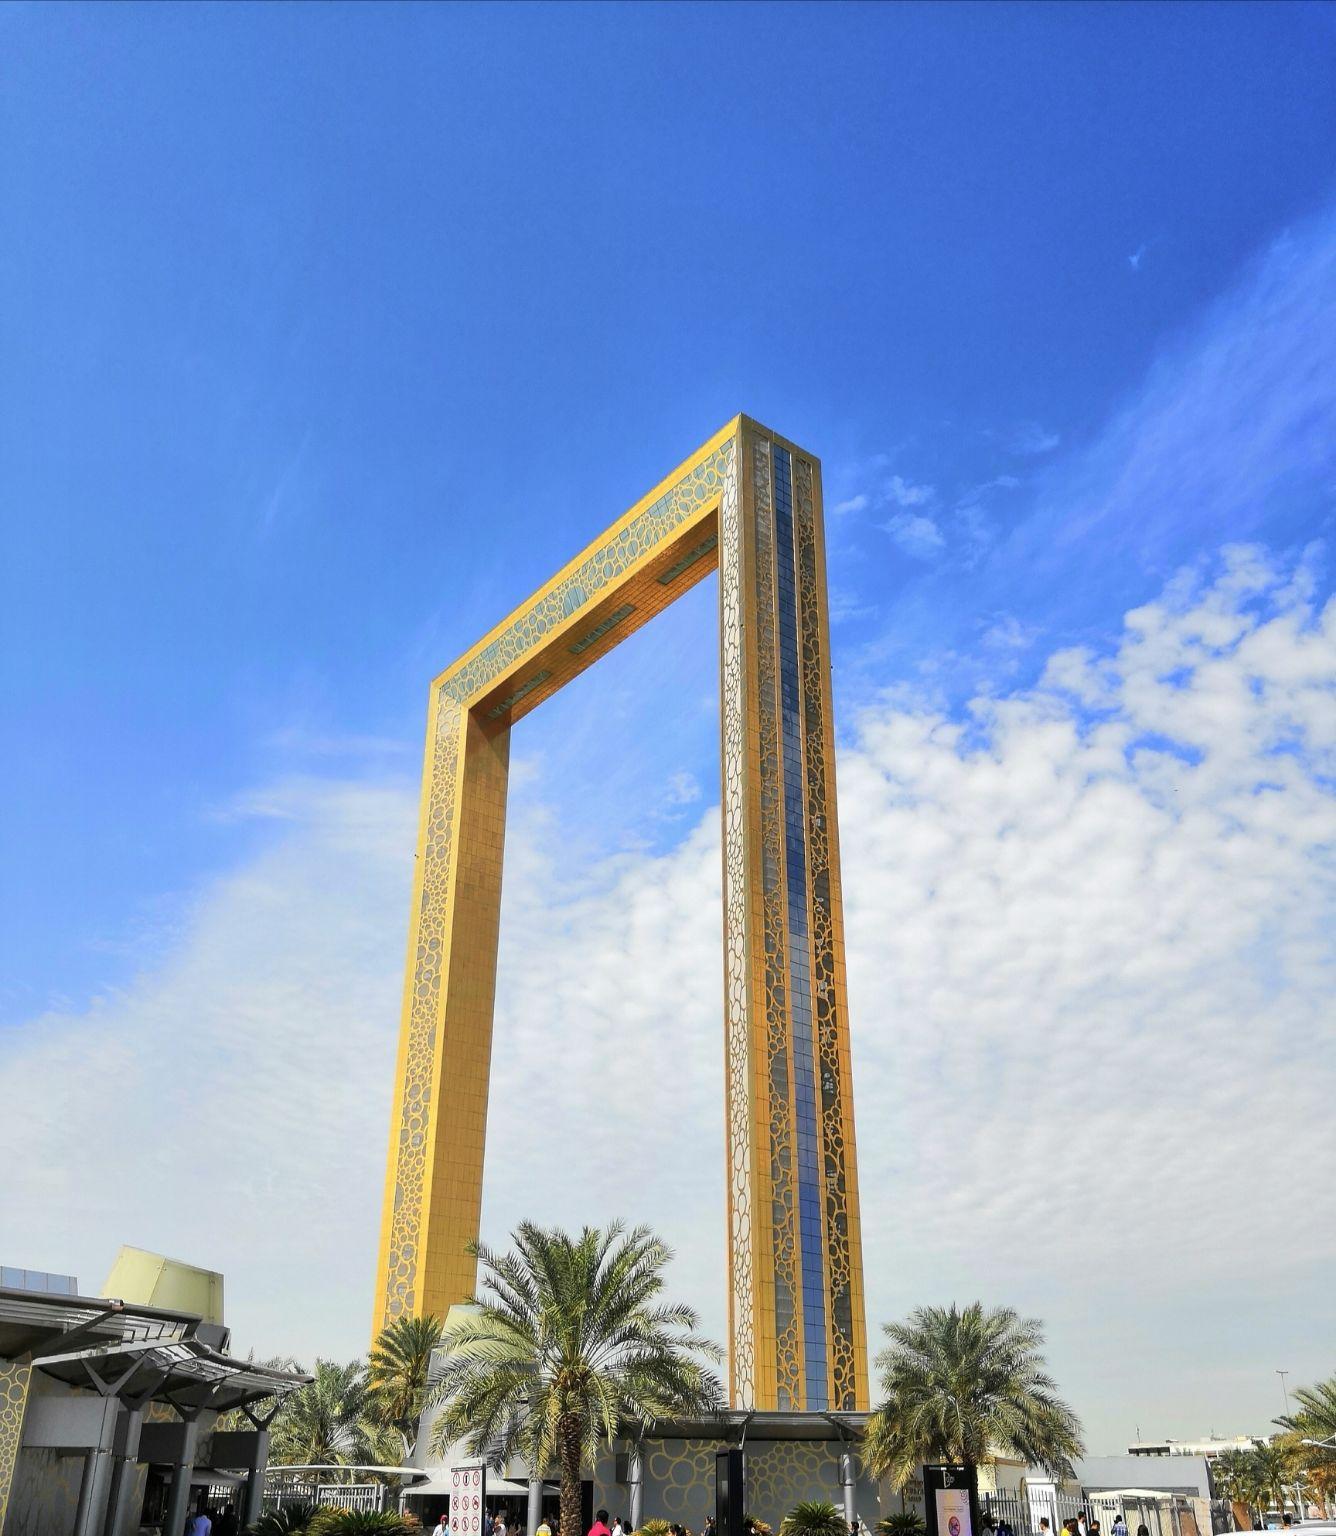 Photo of The Dubai Frame - Dubai - United Arab Emirates By Fam